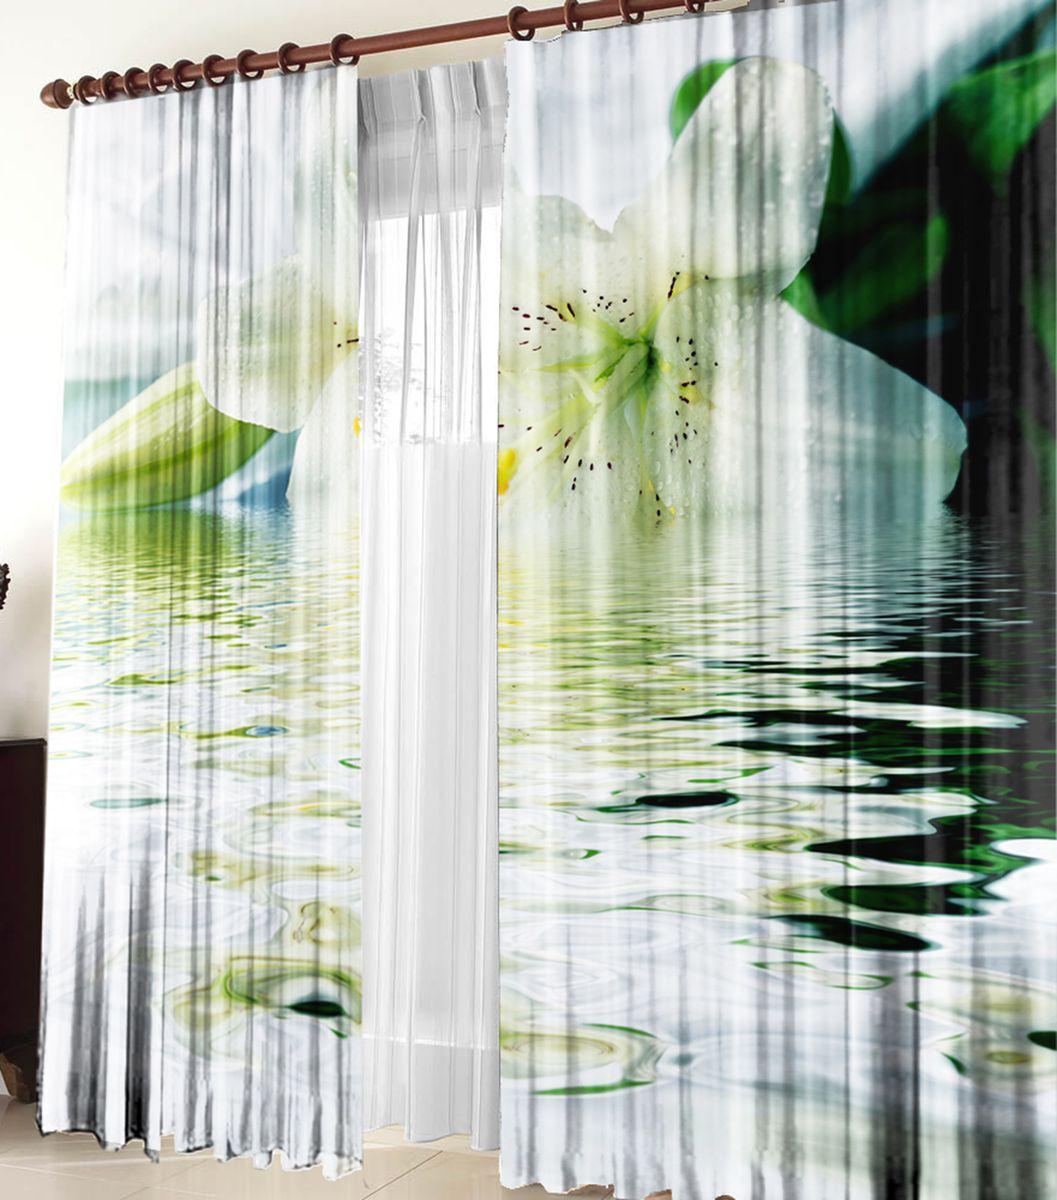 Комплект фотоштор Zlata Korunka Блюз, на ленте, высота 270 см. 2115321153Фотошторы Blackout - это особый вид светонепроницаемой ткани, не выцветает, прекрасно драпируется и при этом очень хорошо сохраняет форму, отличается высокой плотностью полотна и хорошей износостойкостью, обладает высокими тепло- и звукоизоляционными свойствами.Рекомендации по уходу: бережная стирка при 30°С, деликатный отжим, отбеливание запрещено, ткань blackout не требует глажки. Светопоглощение: 100%. Оттенок изделия может отличаться от представленного на сайте в силу особенностей цветопередачи фототехники и вашего монитора.